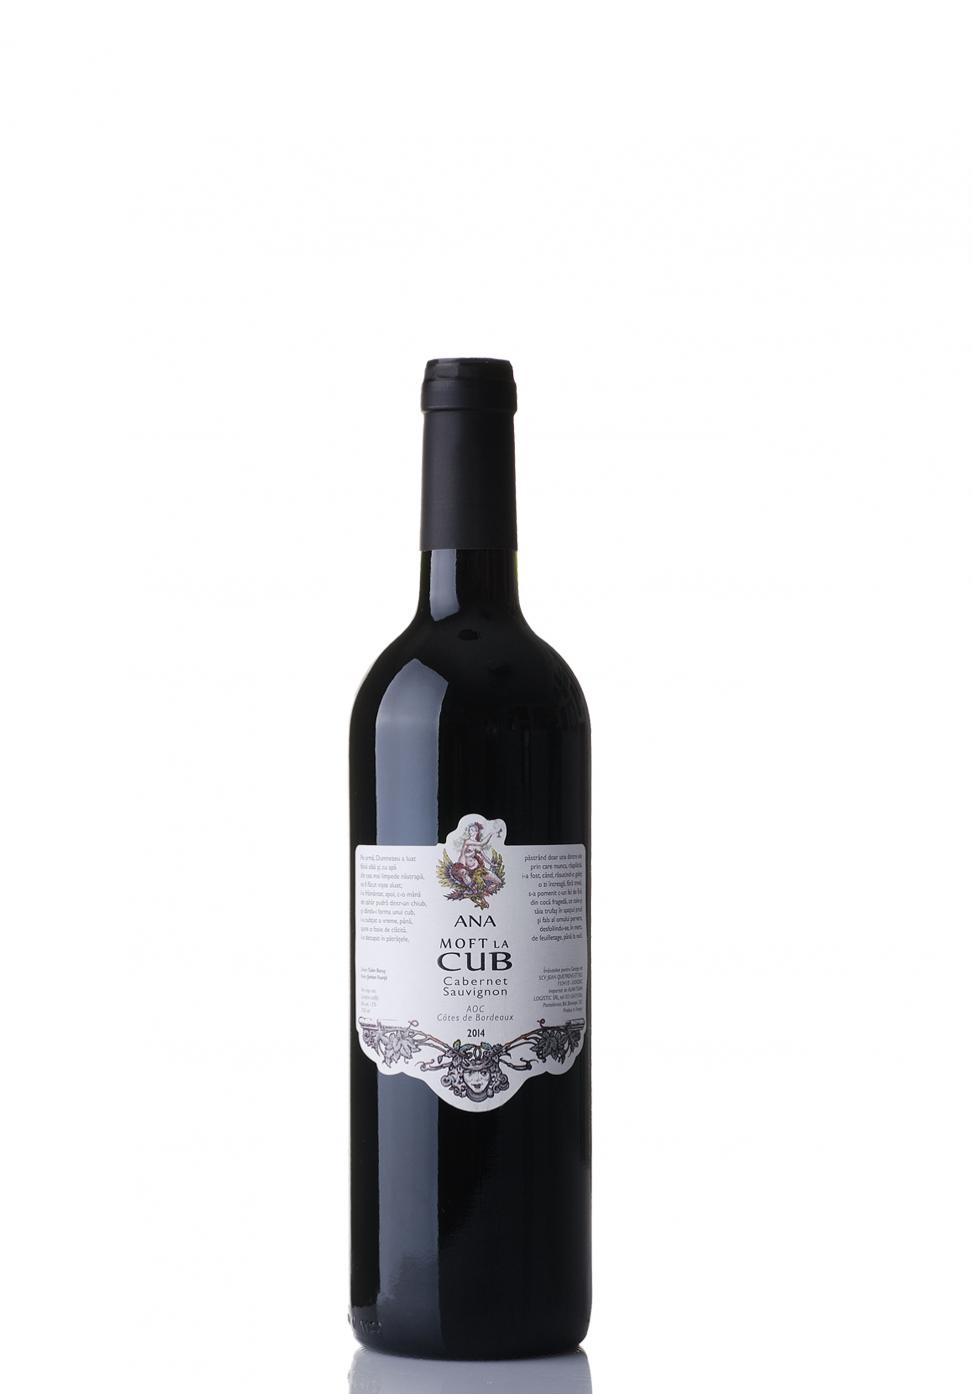 Vin Ana Moft la Cub, AOC Cotes de Bordeaux 2016 (0.75L)